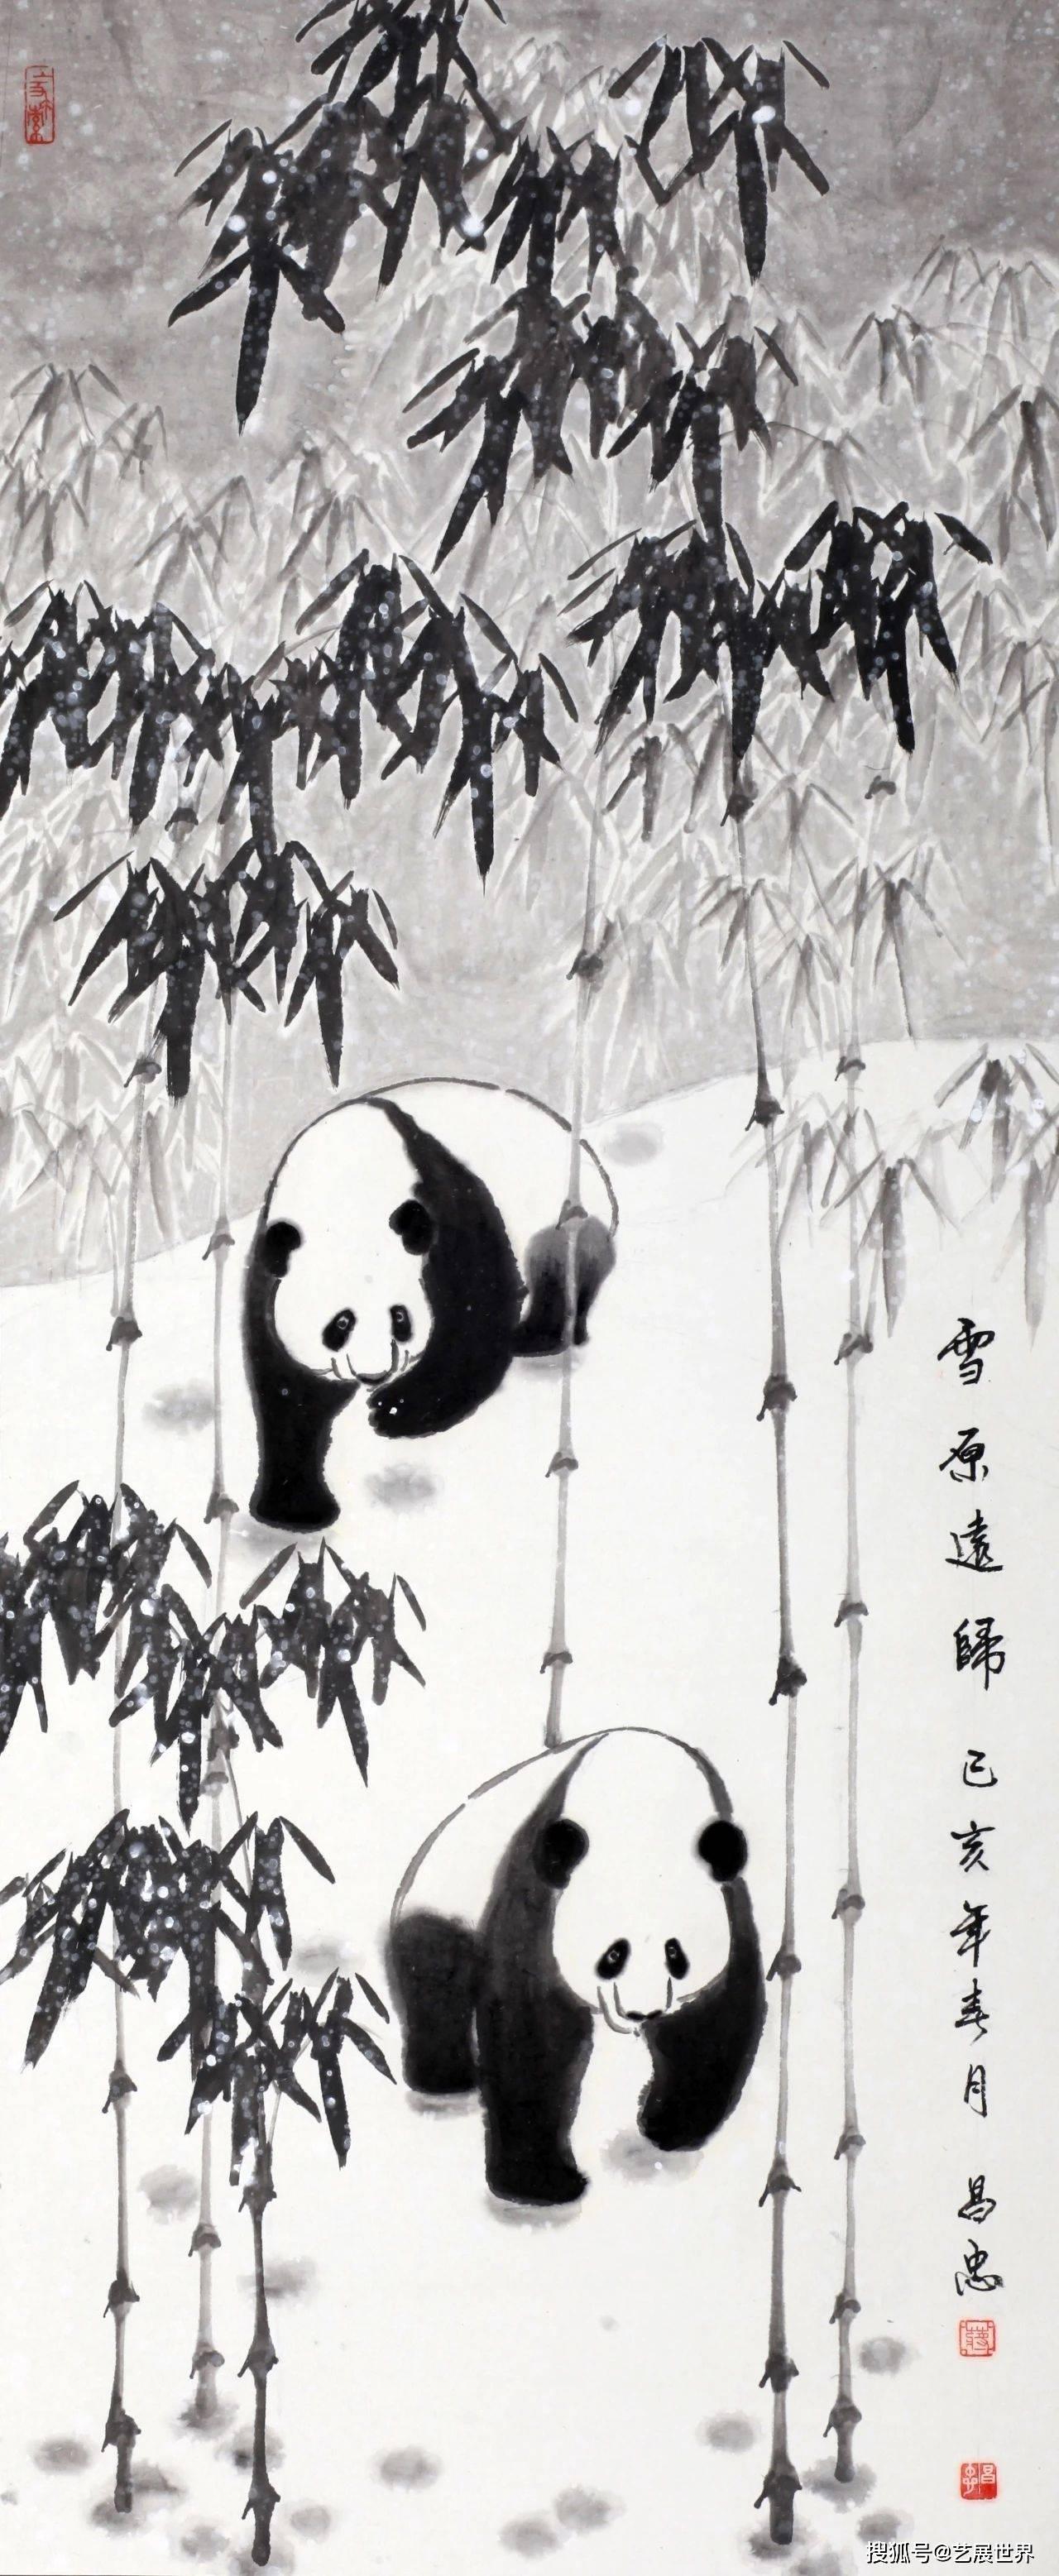 辛丑吉祥——湖北书画院2021年迎春书画展(一)